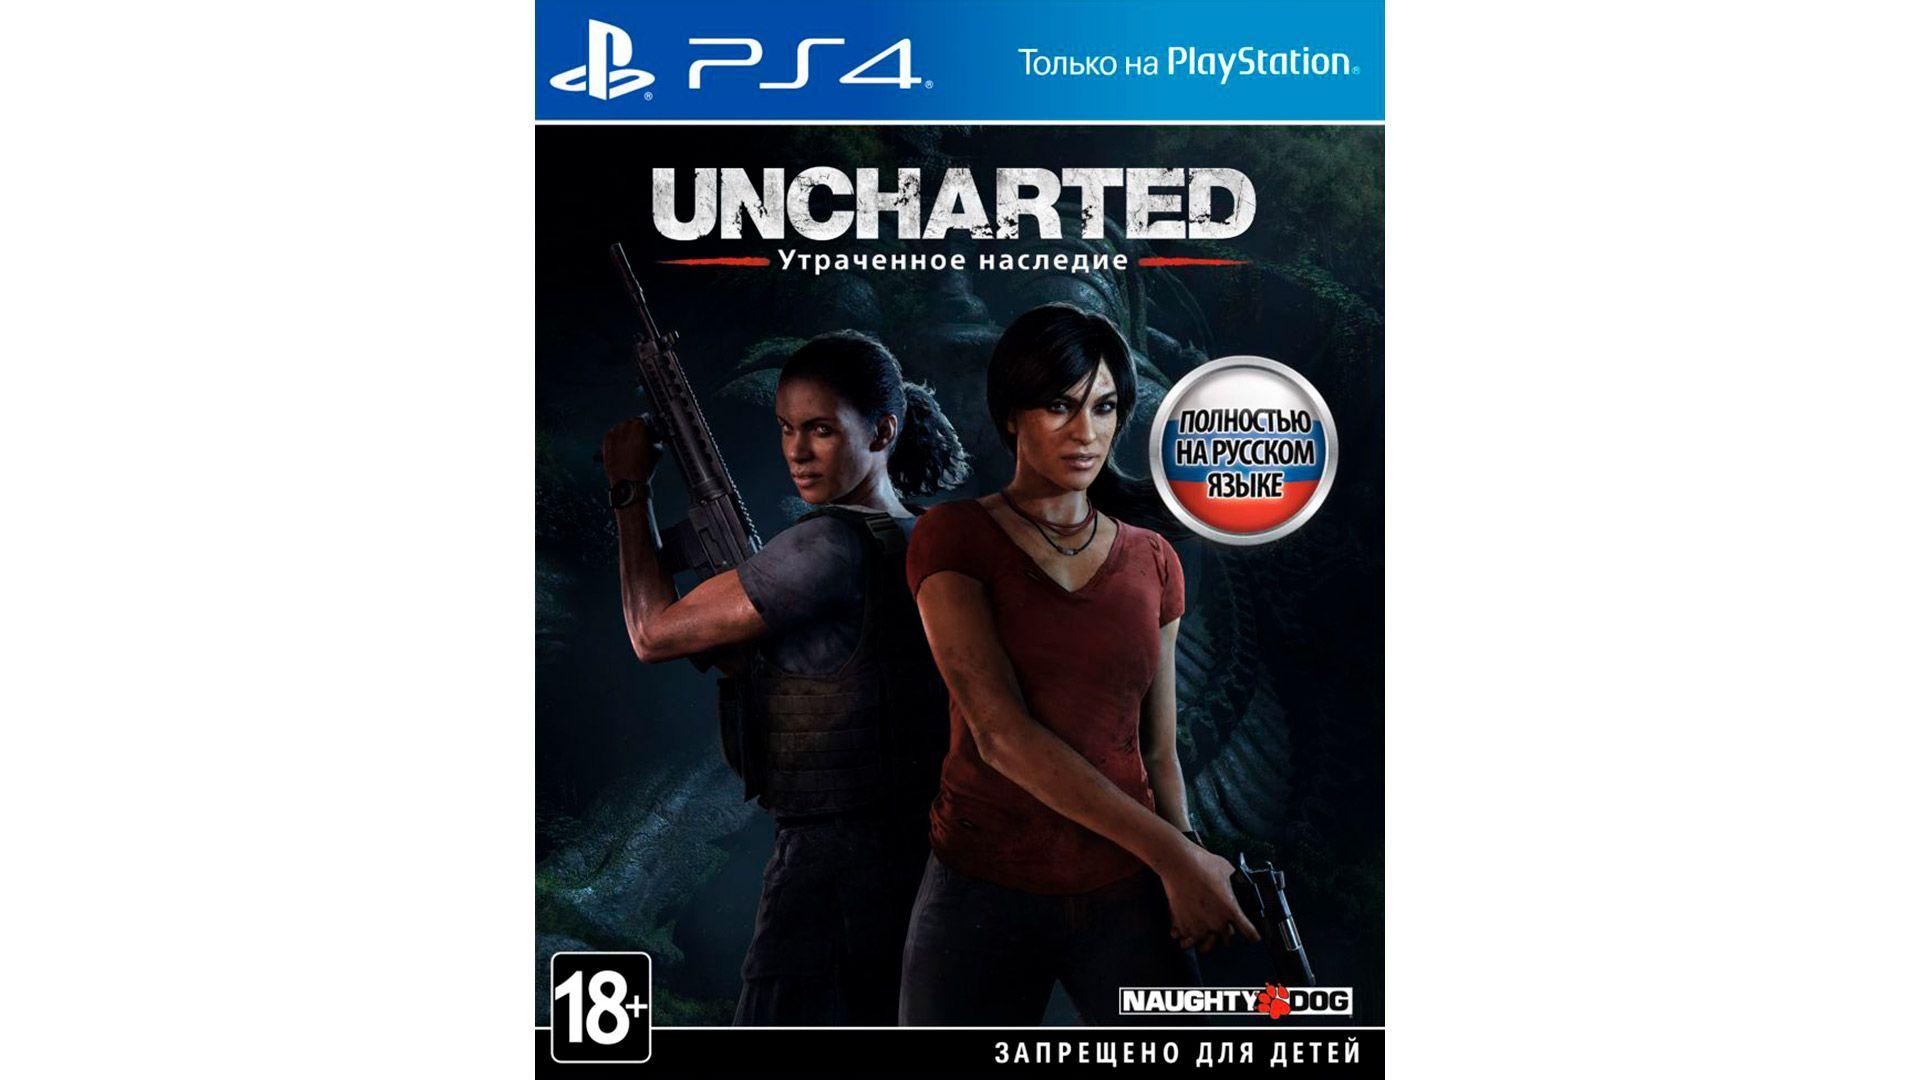 Uncharted: Утраченное наследие для Sony PlayStation 4 [PS4UUN]